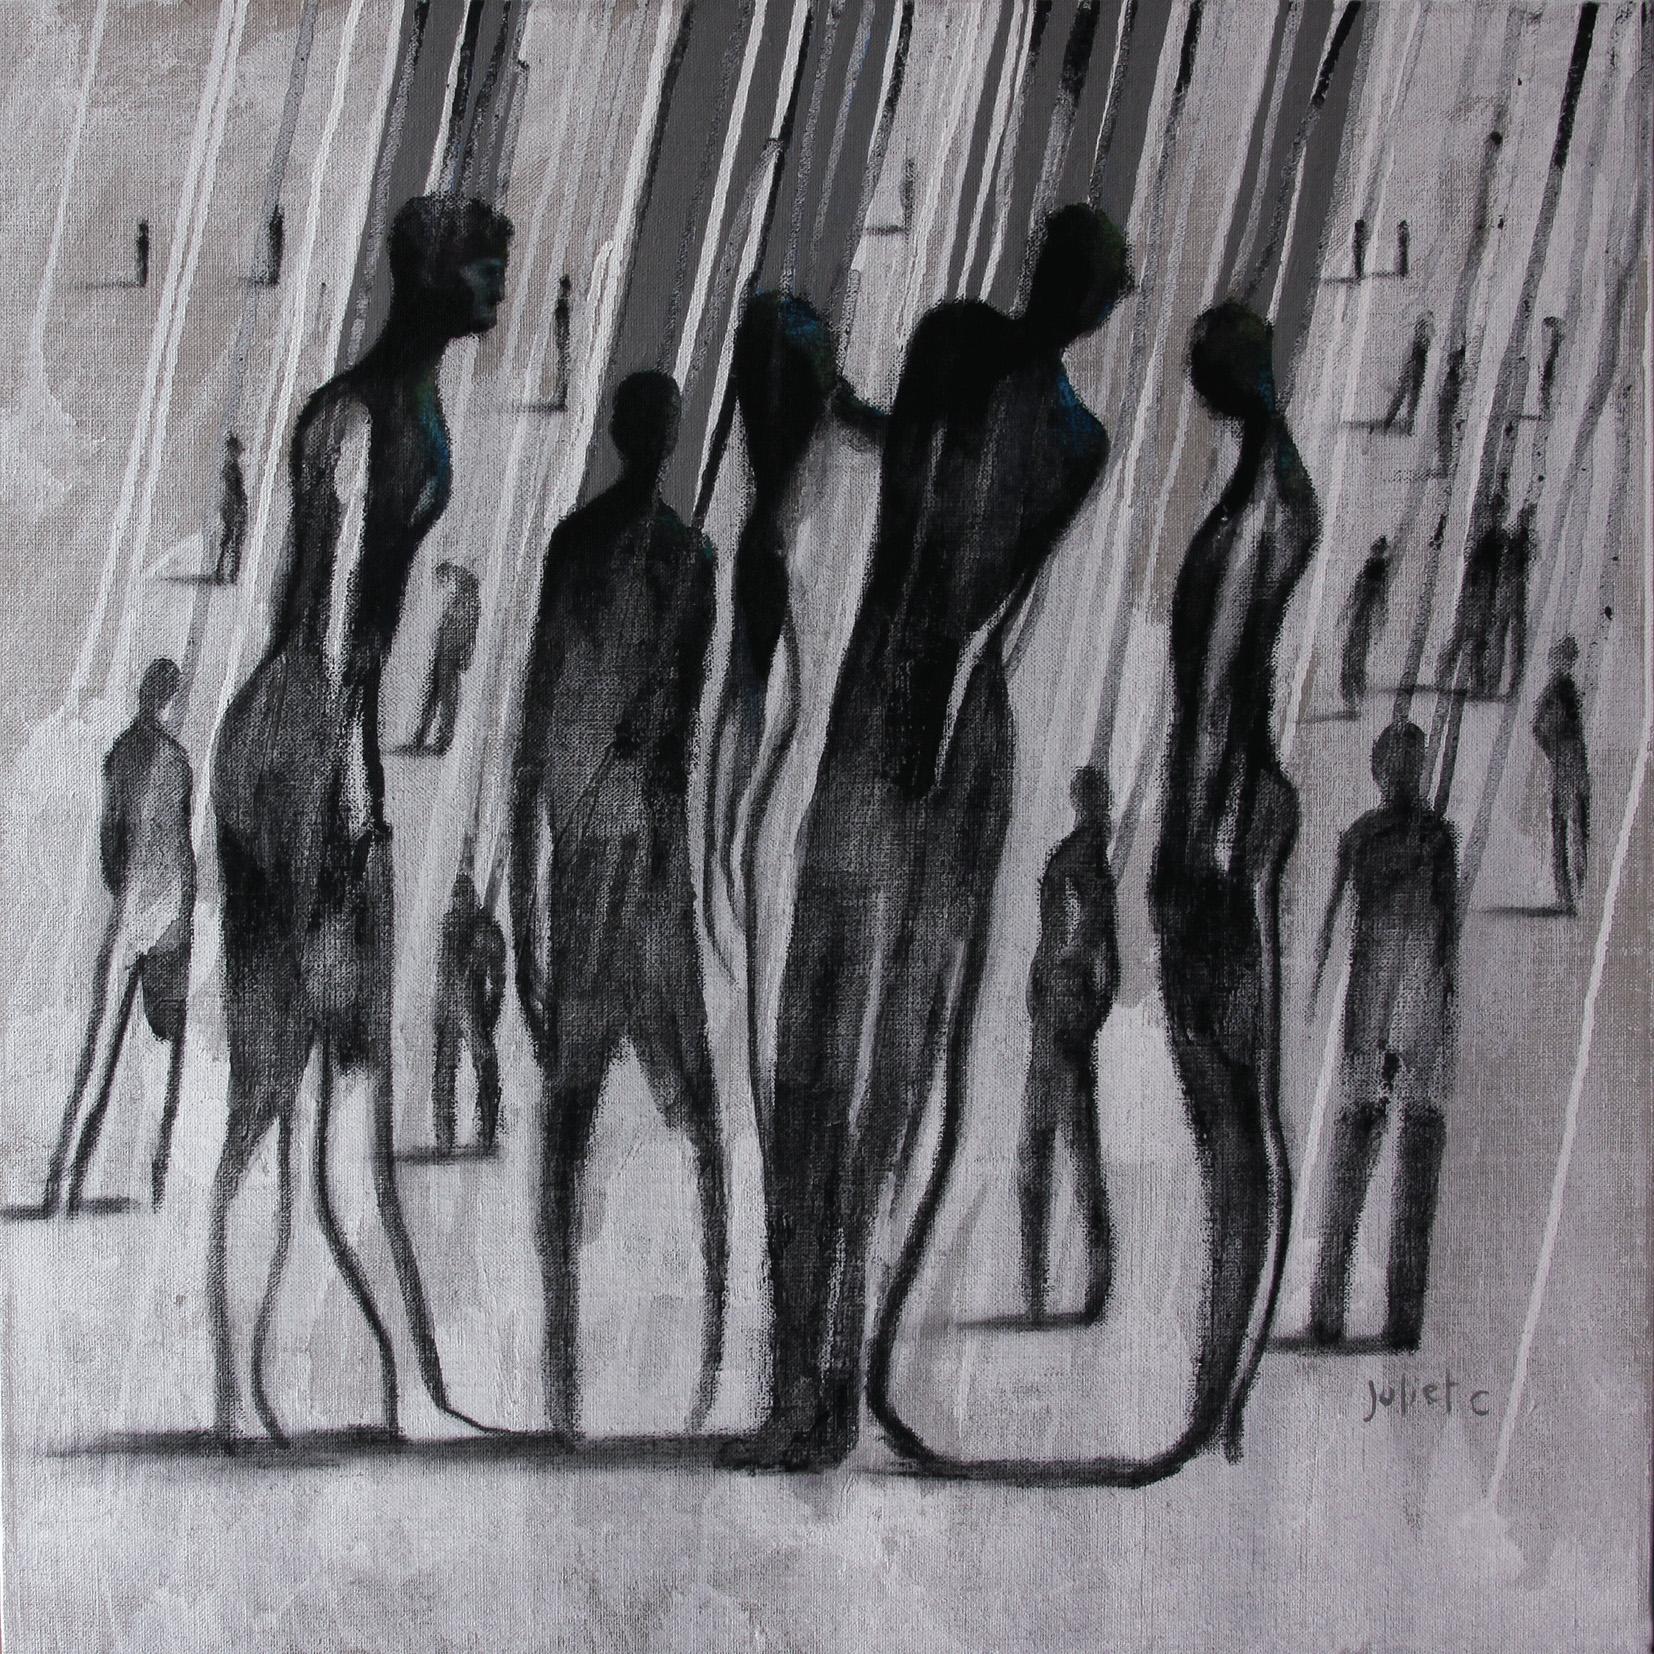 ANONYMES /  Peinture et crayon noir sur toile 50x50 cm